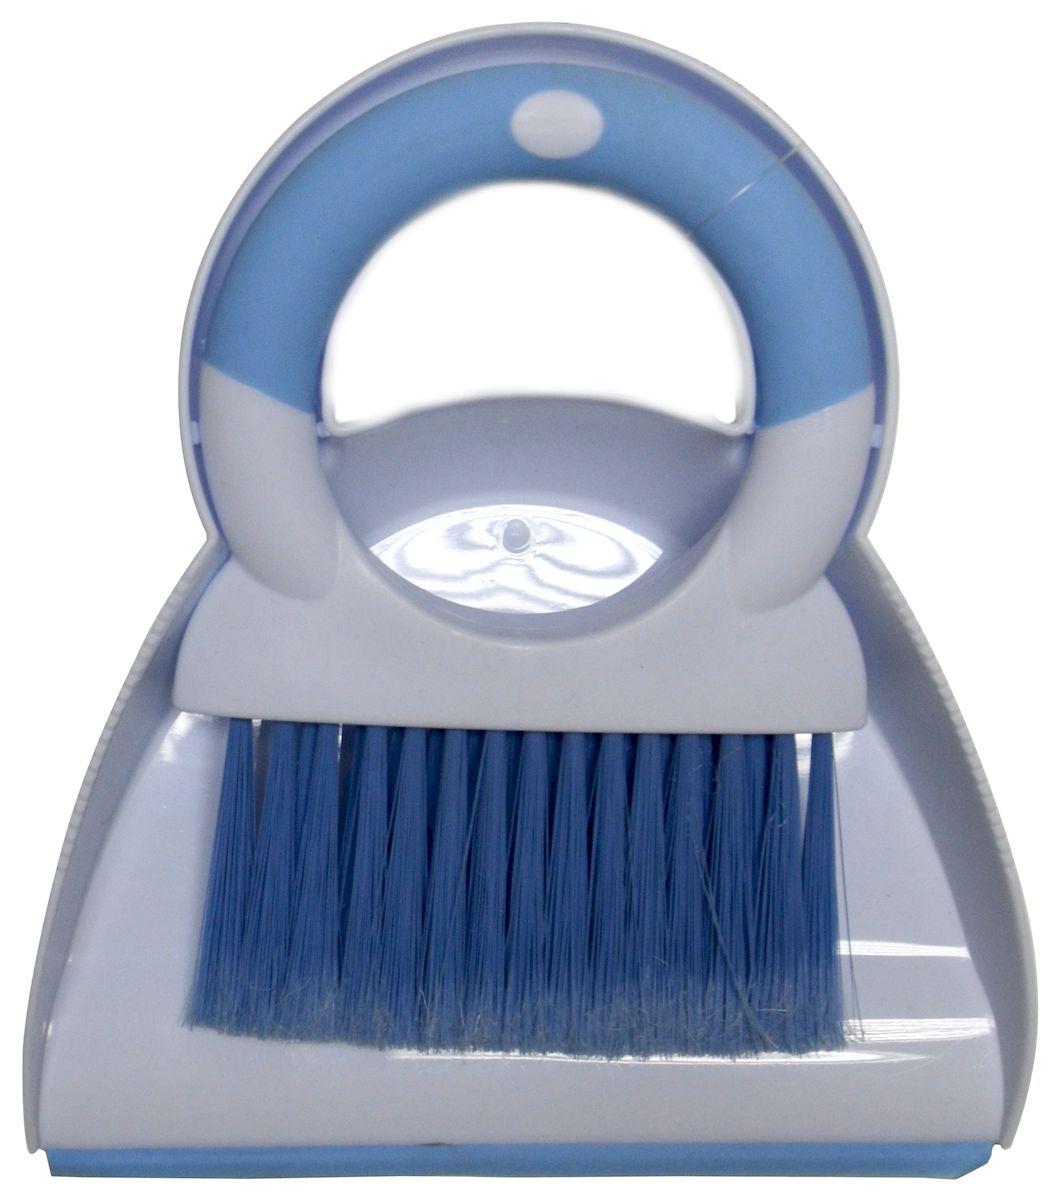 Набор для уборки Коллекция, 2 предмета ATP-2 комплект для уборки альтернатива комфорт жесткая щетина цвет синий 2 предмета